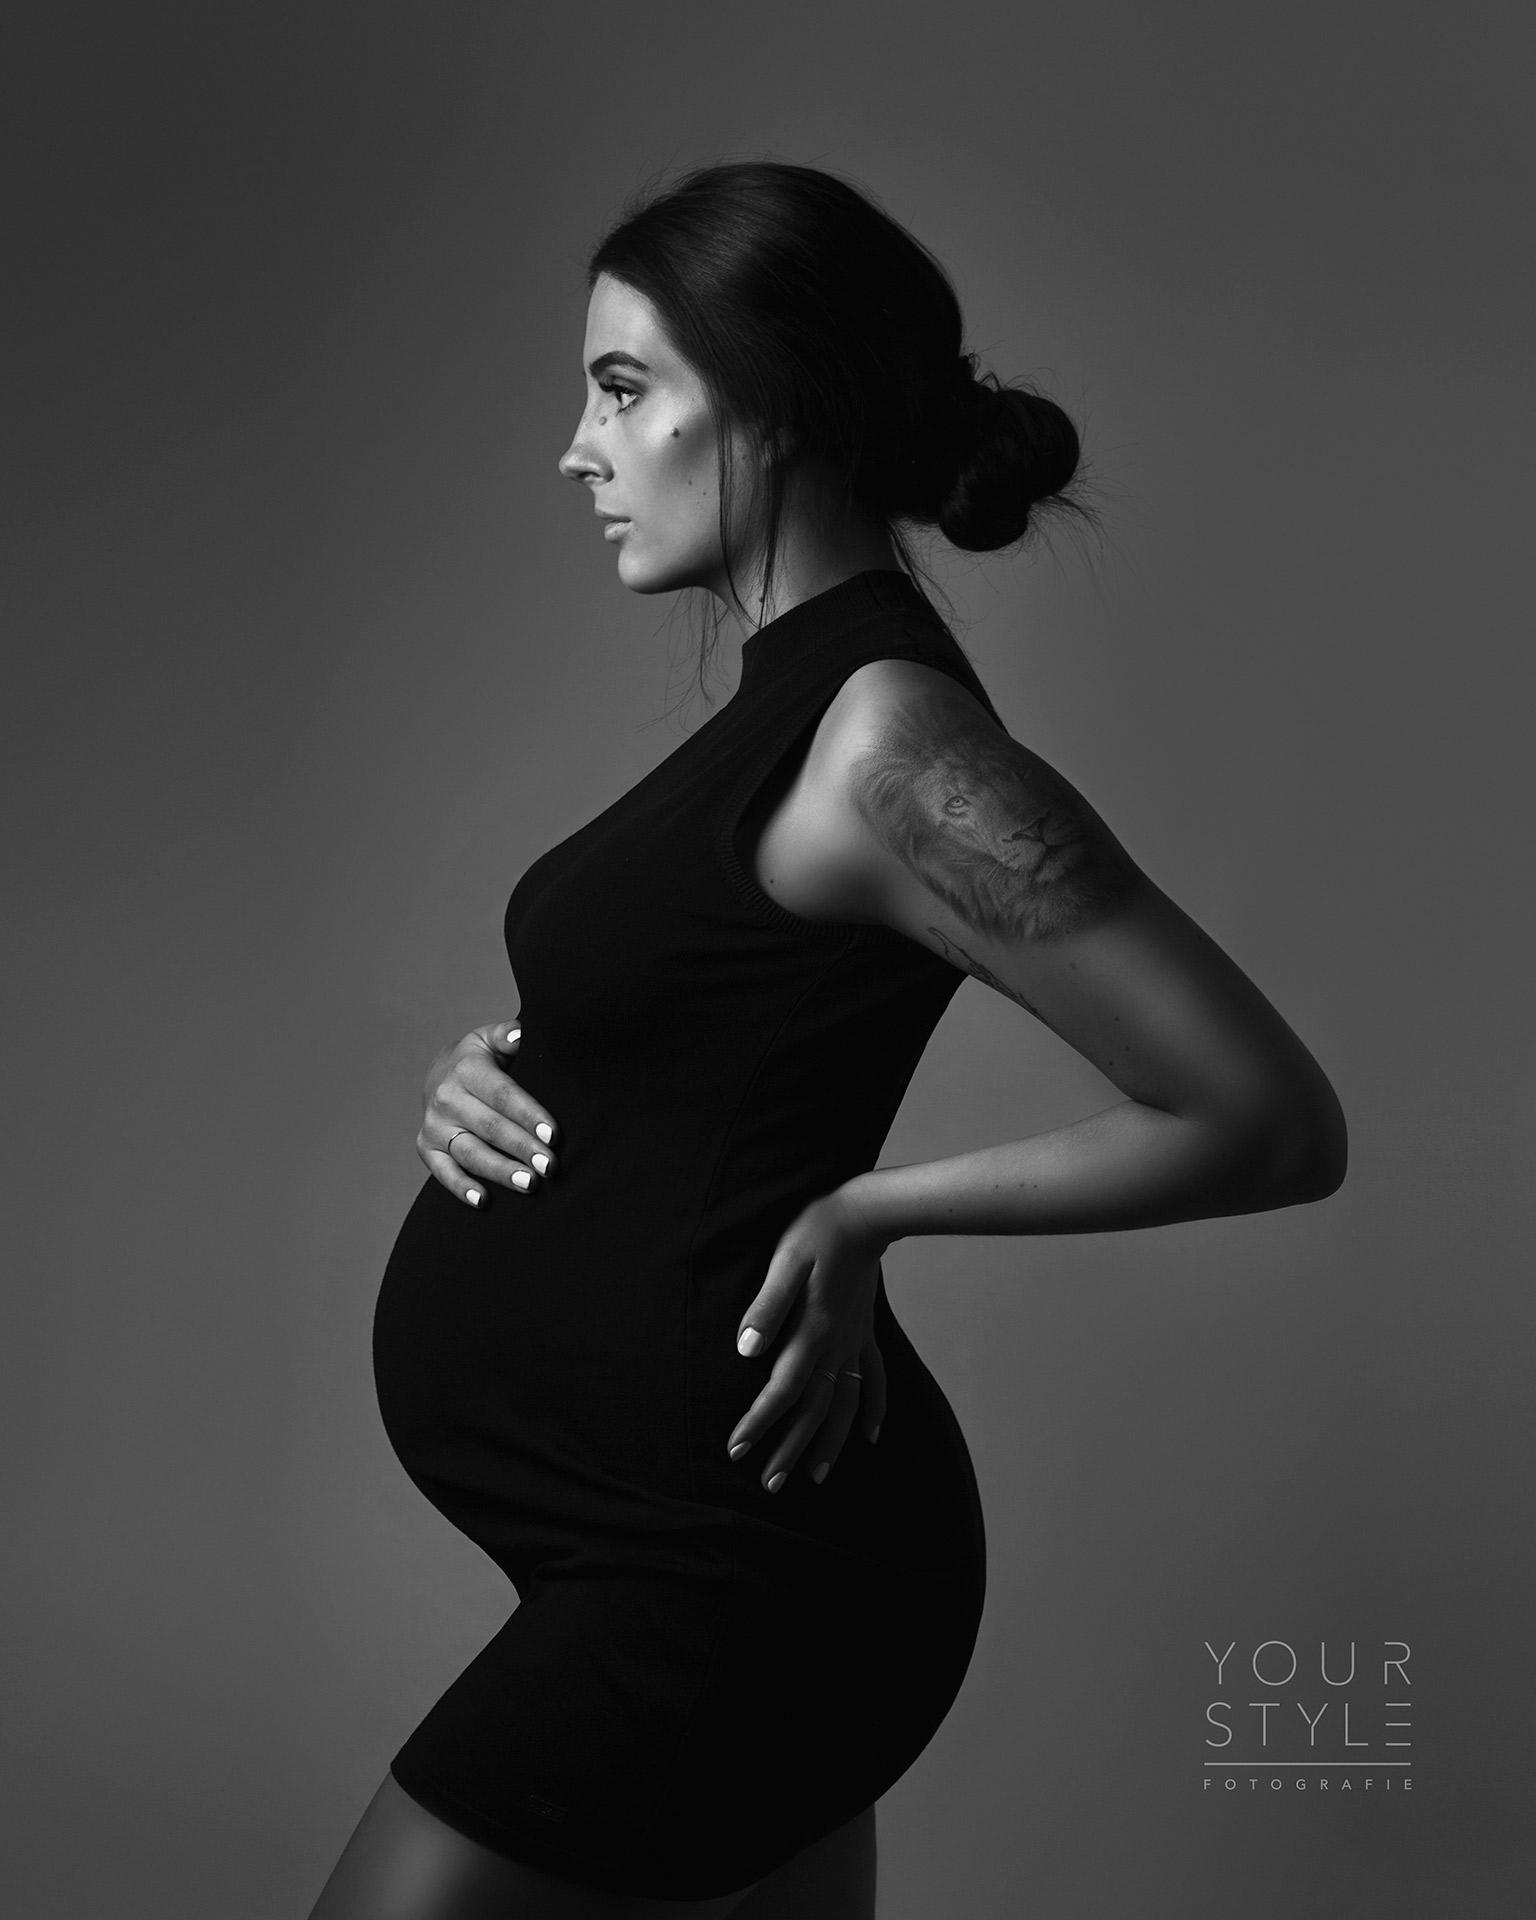 Zwangerschap fotograaf stijlvol en authentiek